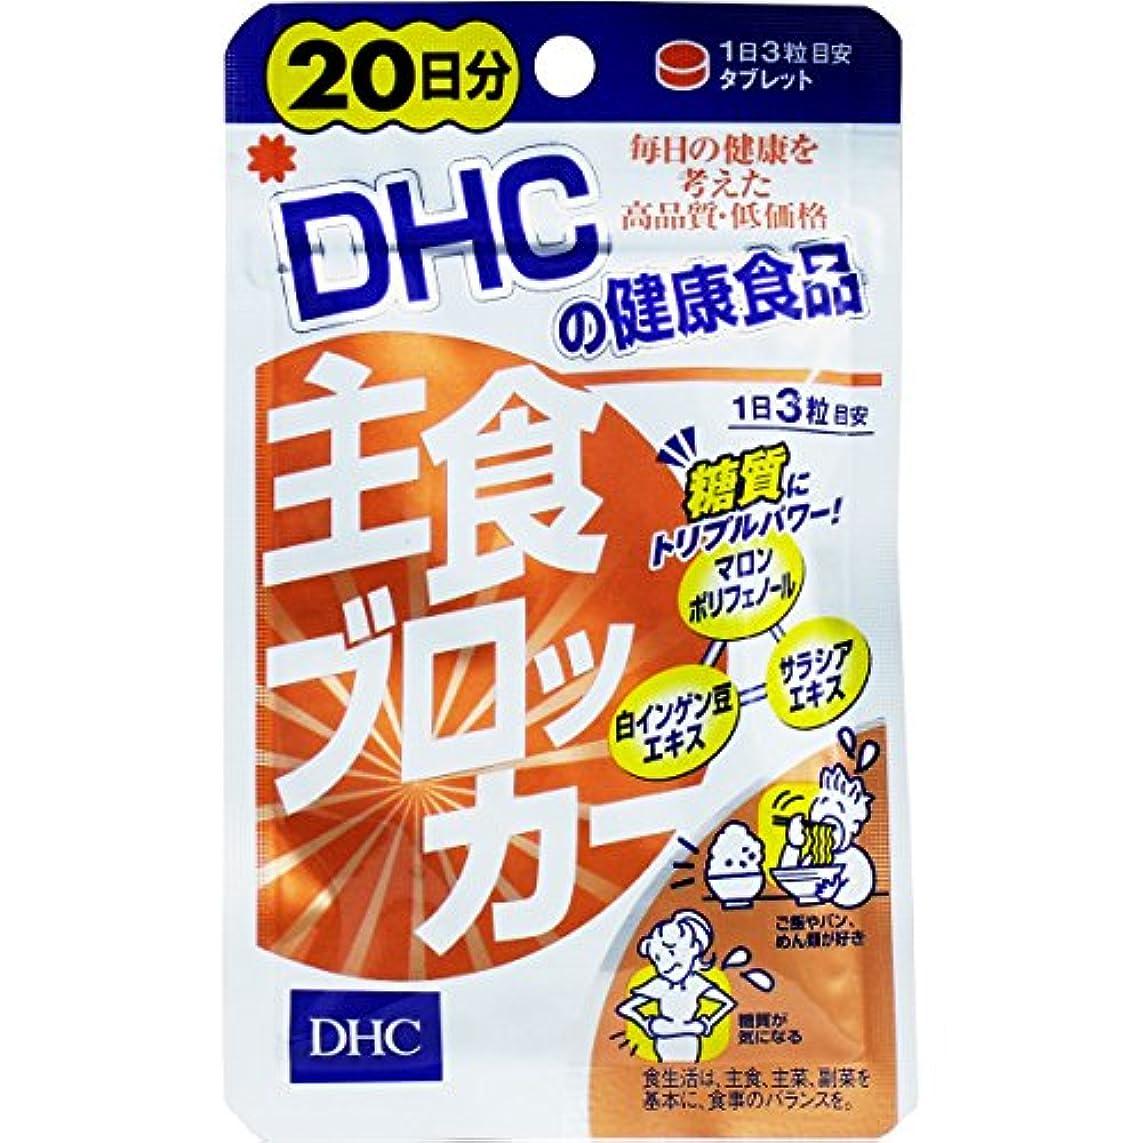 レンズトロリー印象的ダイエット トリプルパワーでため込み対策 栄養機能食品 DHC 主食ブロッカー 20日分 60粒入【5個セット】